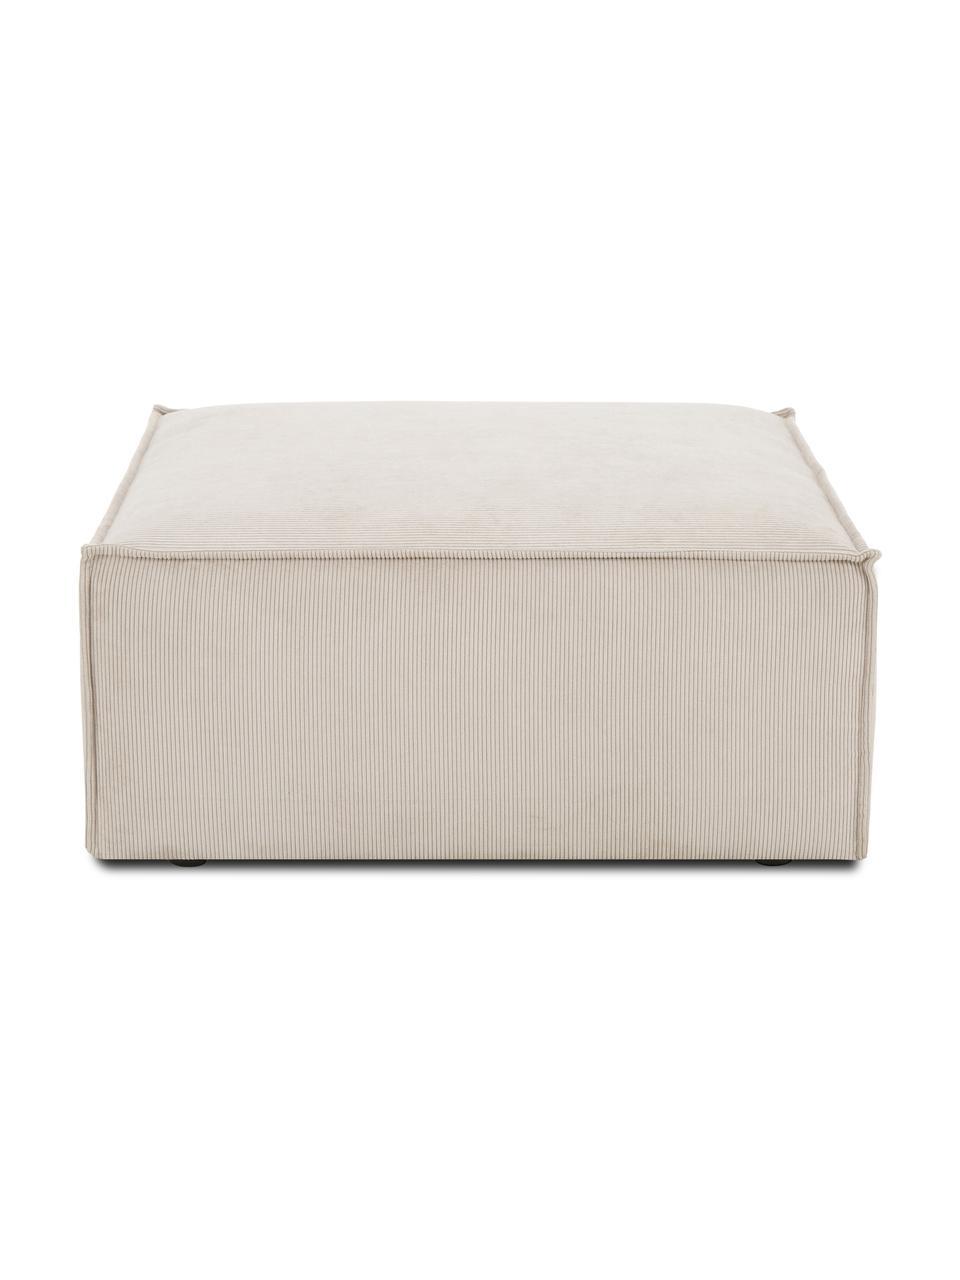 Poggiapiedi da divano in velluto a coste beige Lennon, Rivestimento: velluto a coste (92% poli, Struttura: legno di pino massiccio, , Piedini: plastica I piedini si tro, Velluto a coste beige, Larg. 88 x Alt. 43 cm